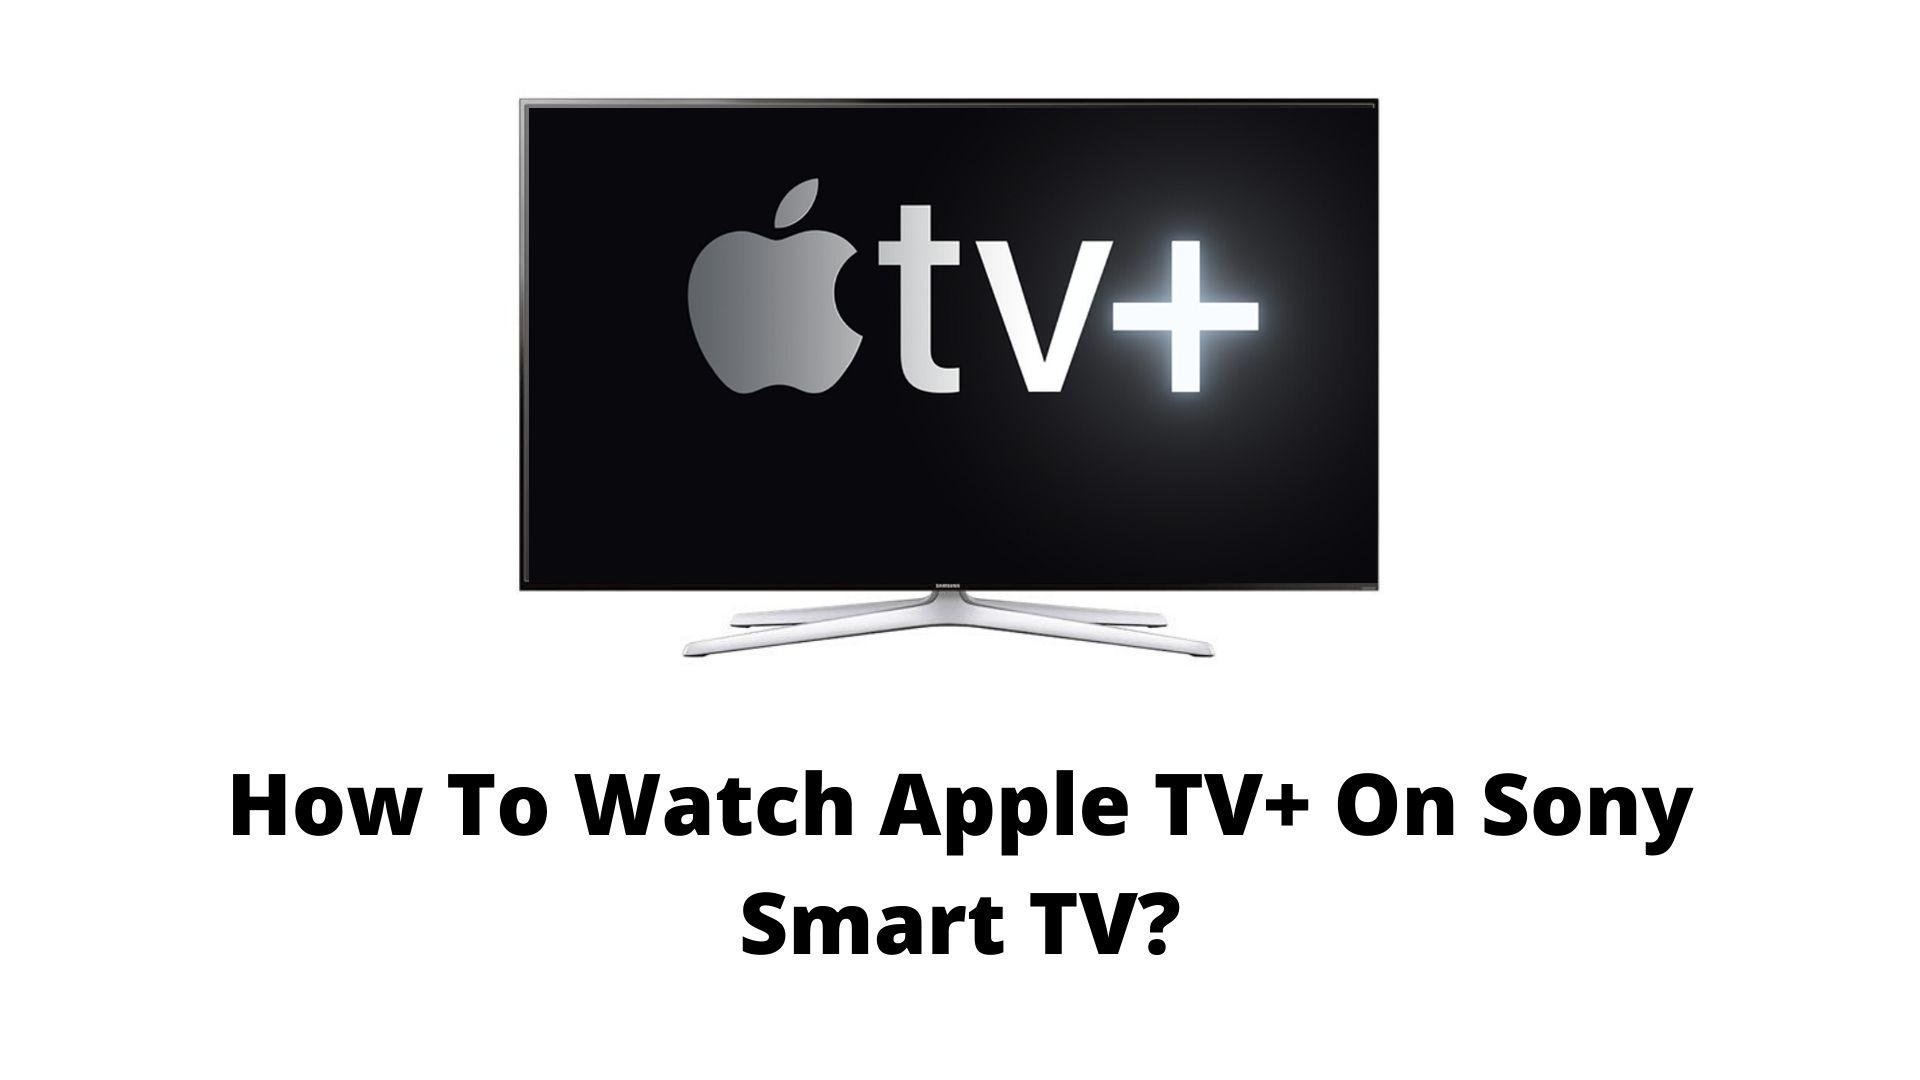 Apple TV+ on Sony TV